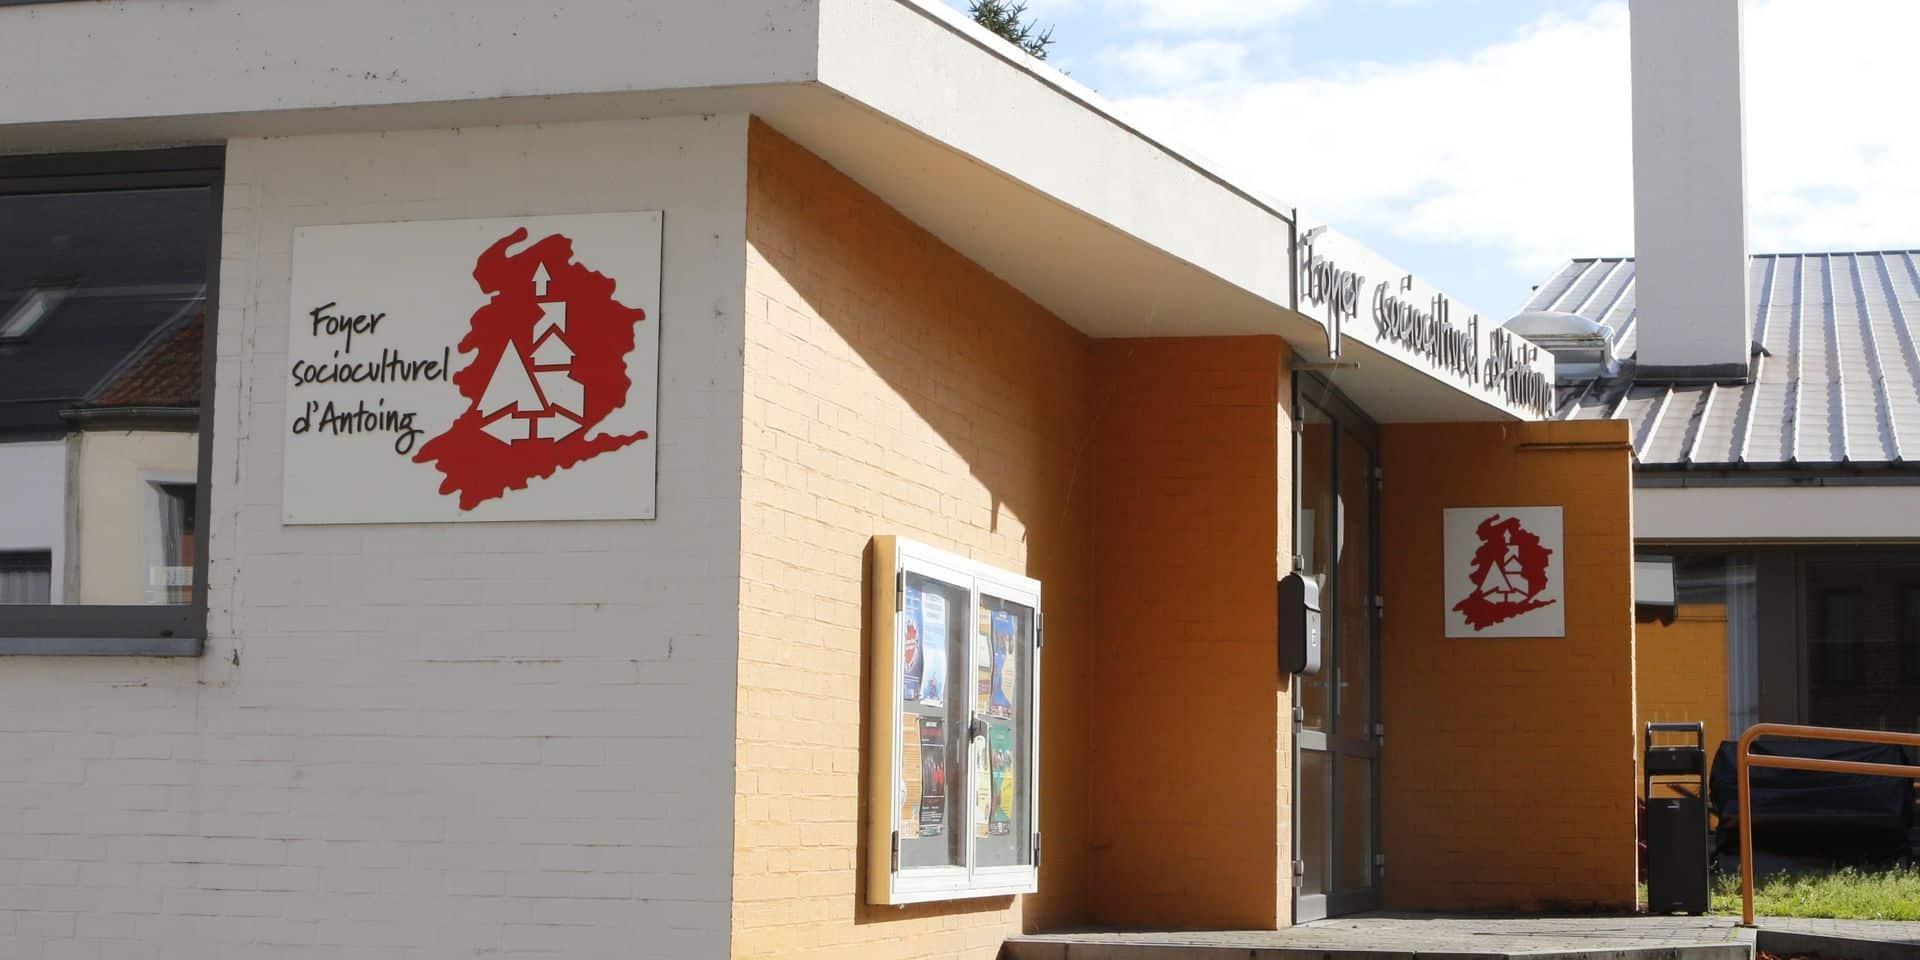 Covid-19: Le Foyer socioculturel d'Antoing ferme ses portes